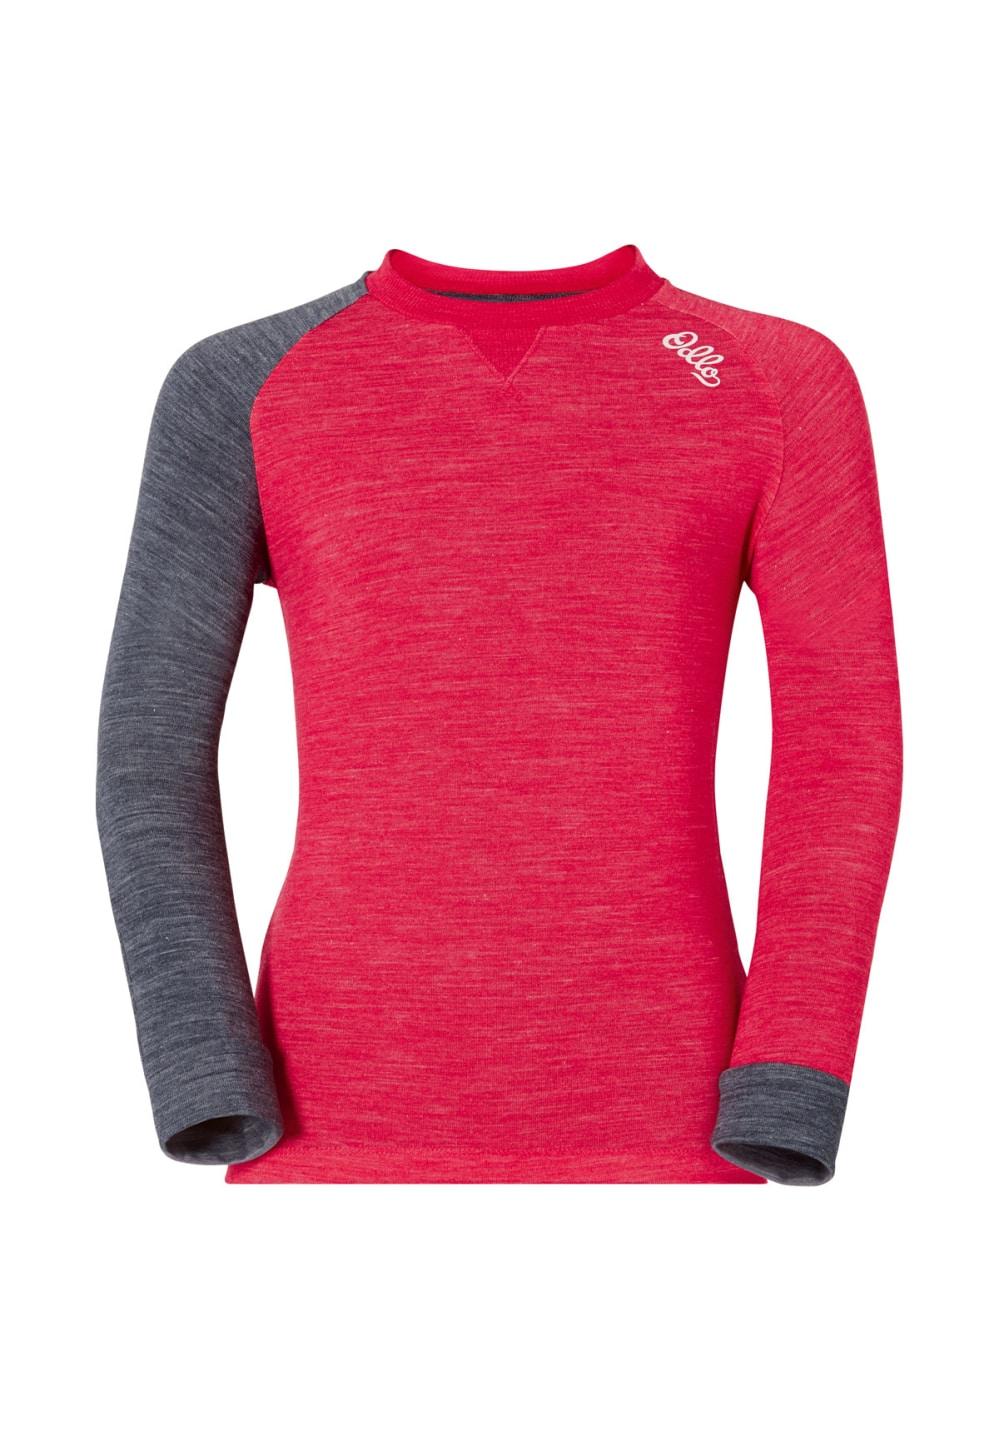 Odlo Shirt Long Sleeve Crew Neck Revolution TW Warm Kids - Funktionsunterwäsche für Kinder Unisex - Rot